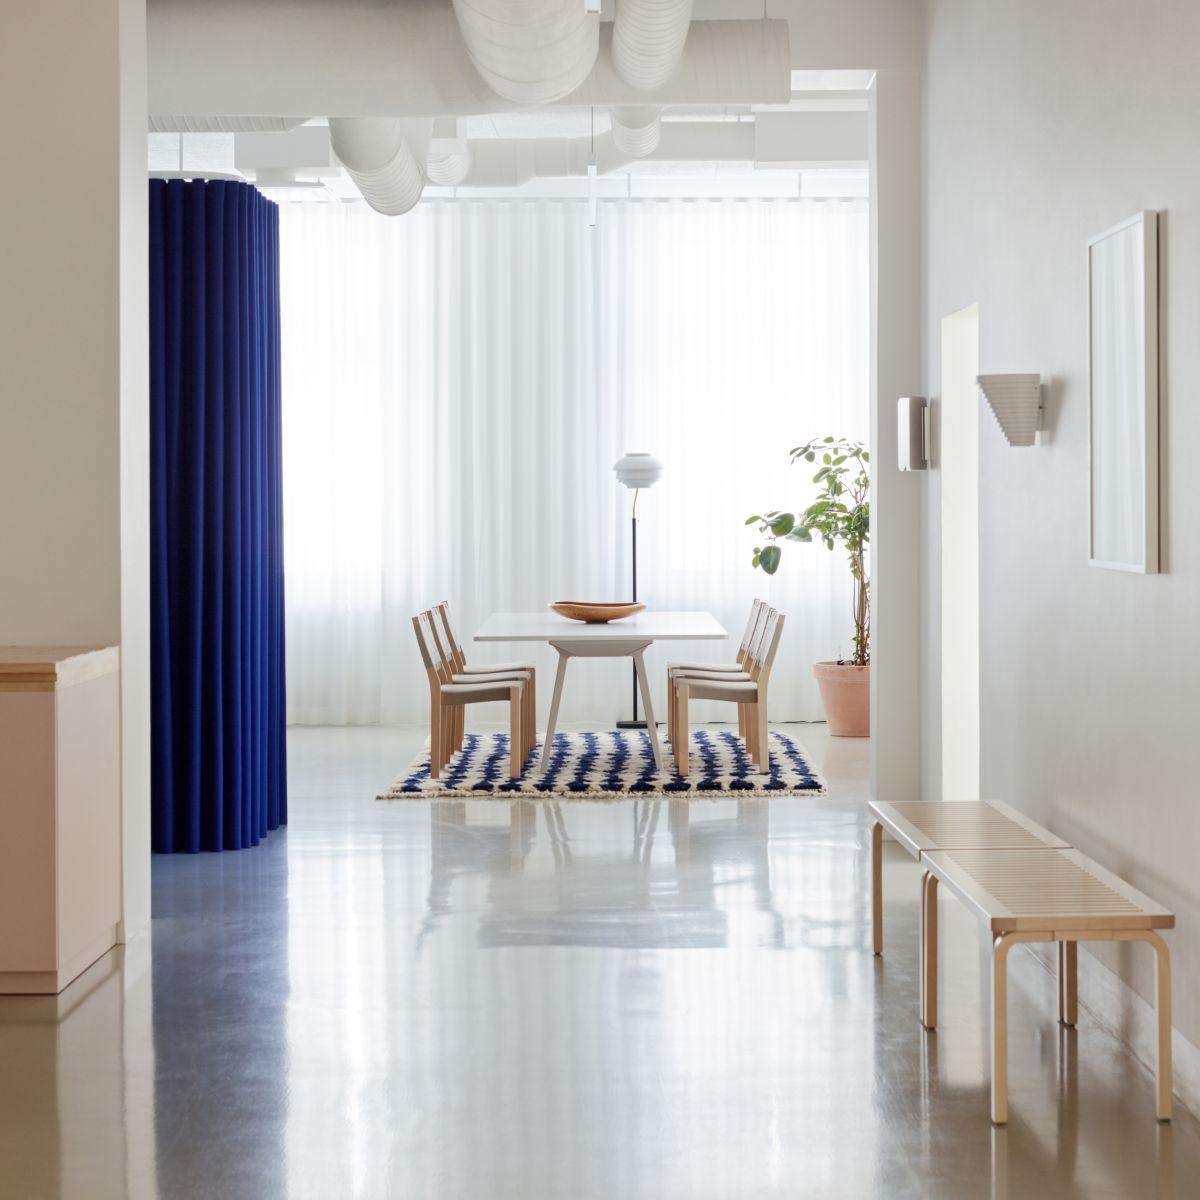 Artek-Office-Oy_Helsinki_Photo_Tuomas-Uusheimo_004